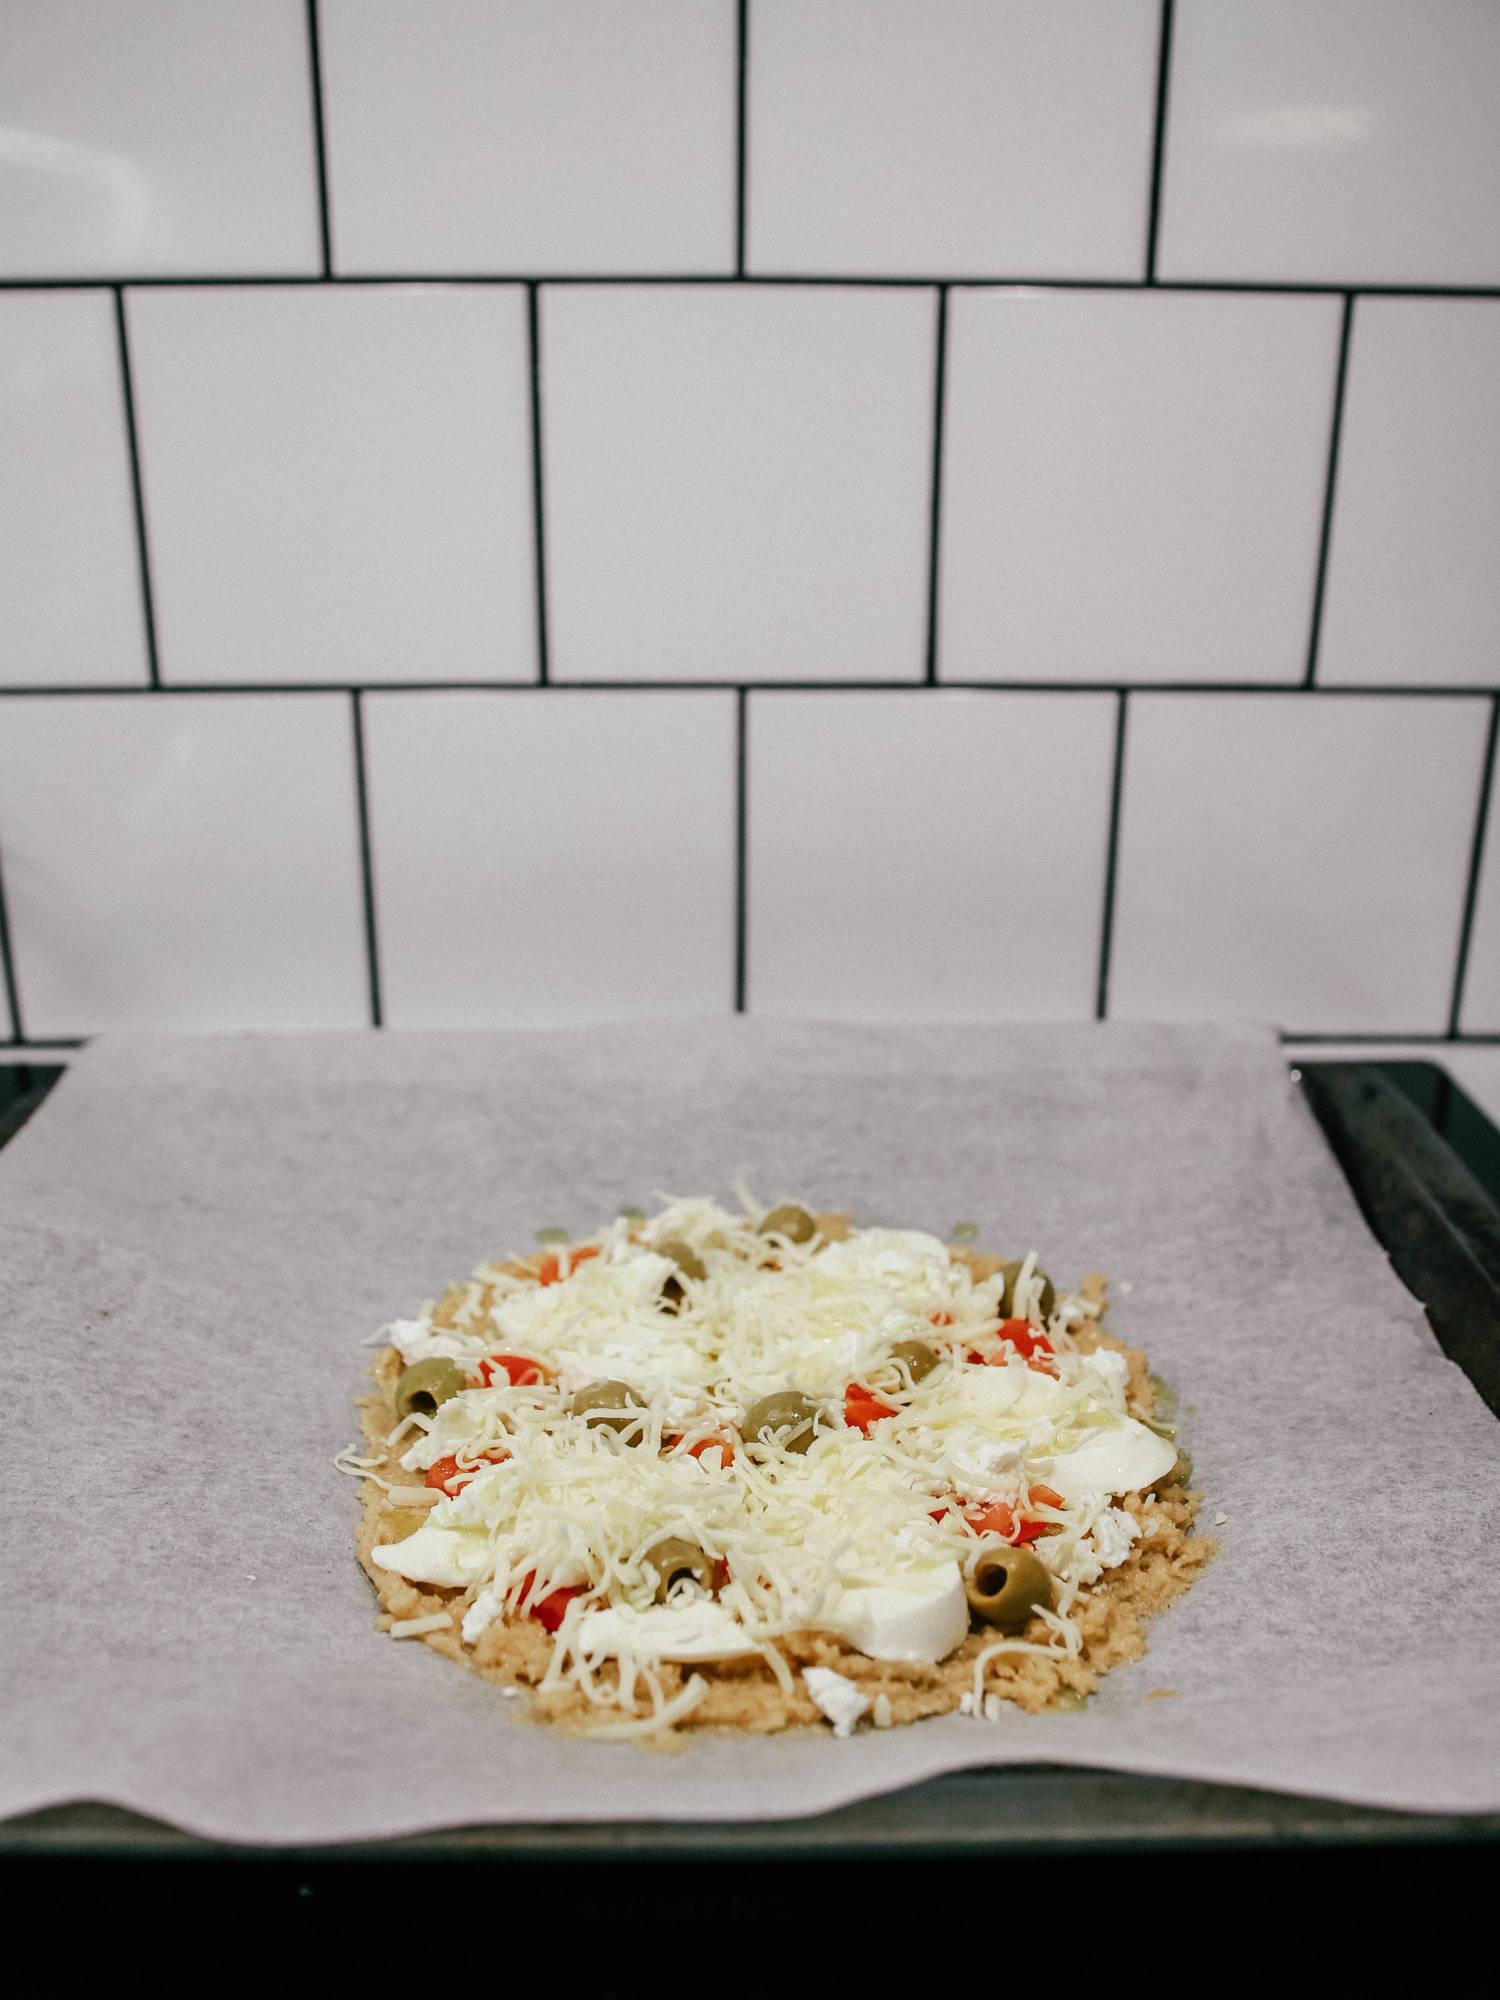 Keto-ohje: Maailman paras VHH/keto-pizzapohja